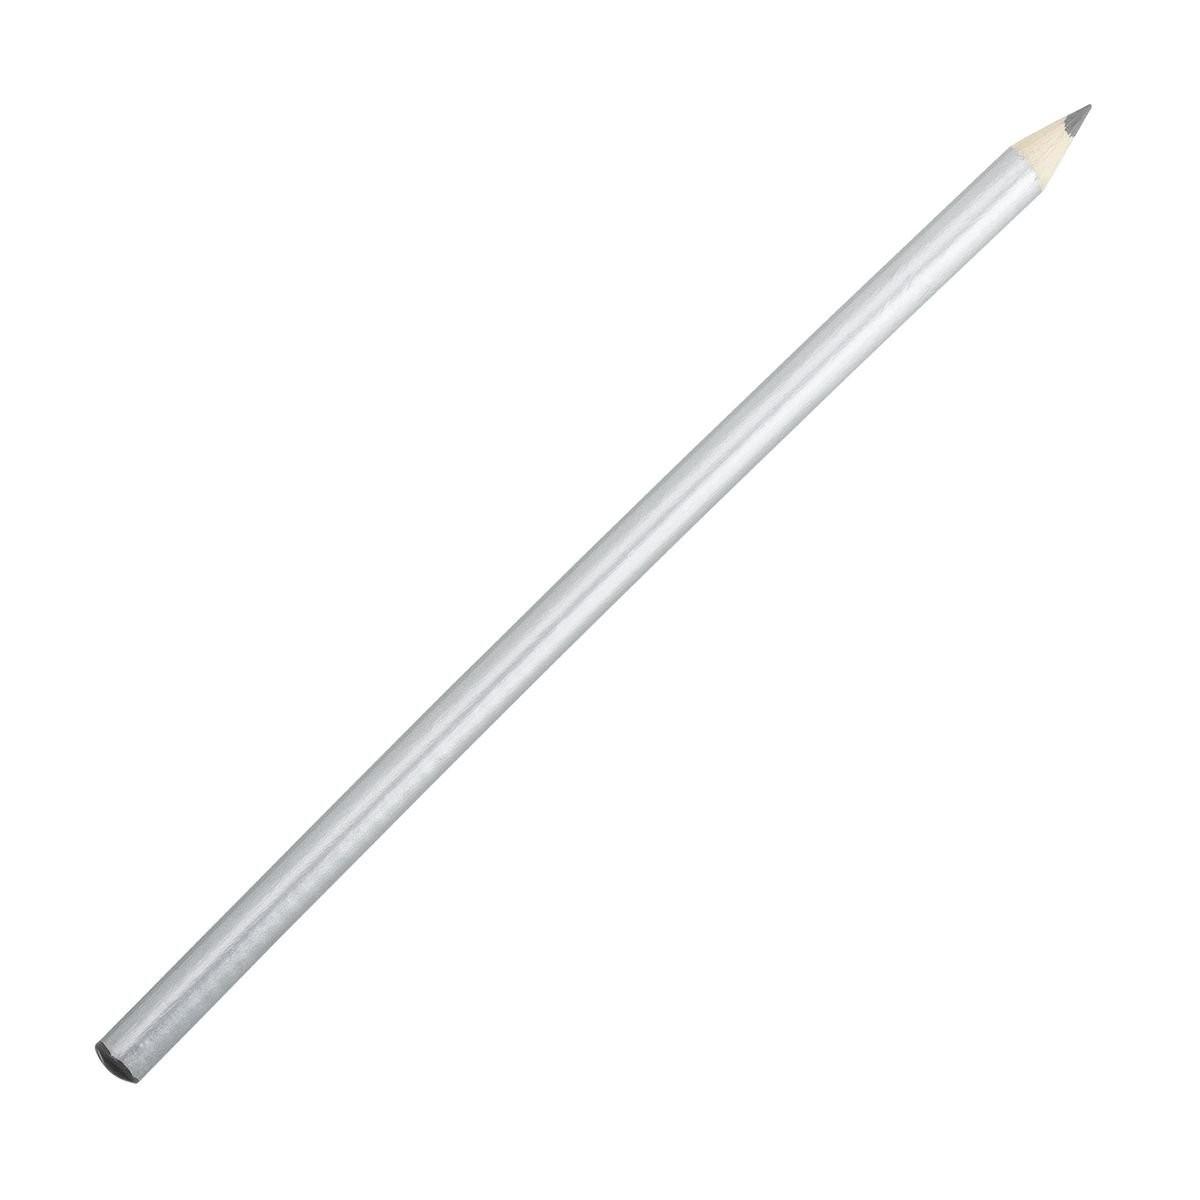 Bleistift mit Radierer und Spitzer REFLECTS-SCREWD, Ansicht 6